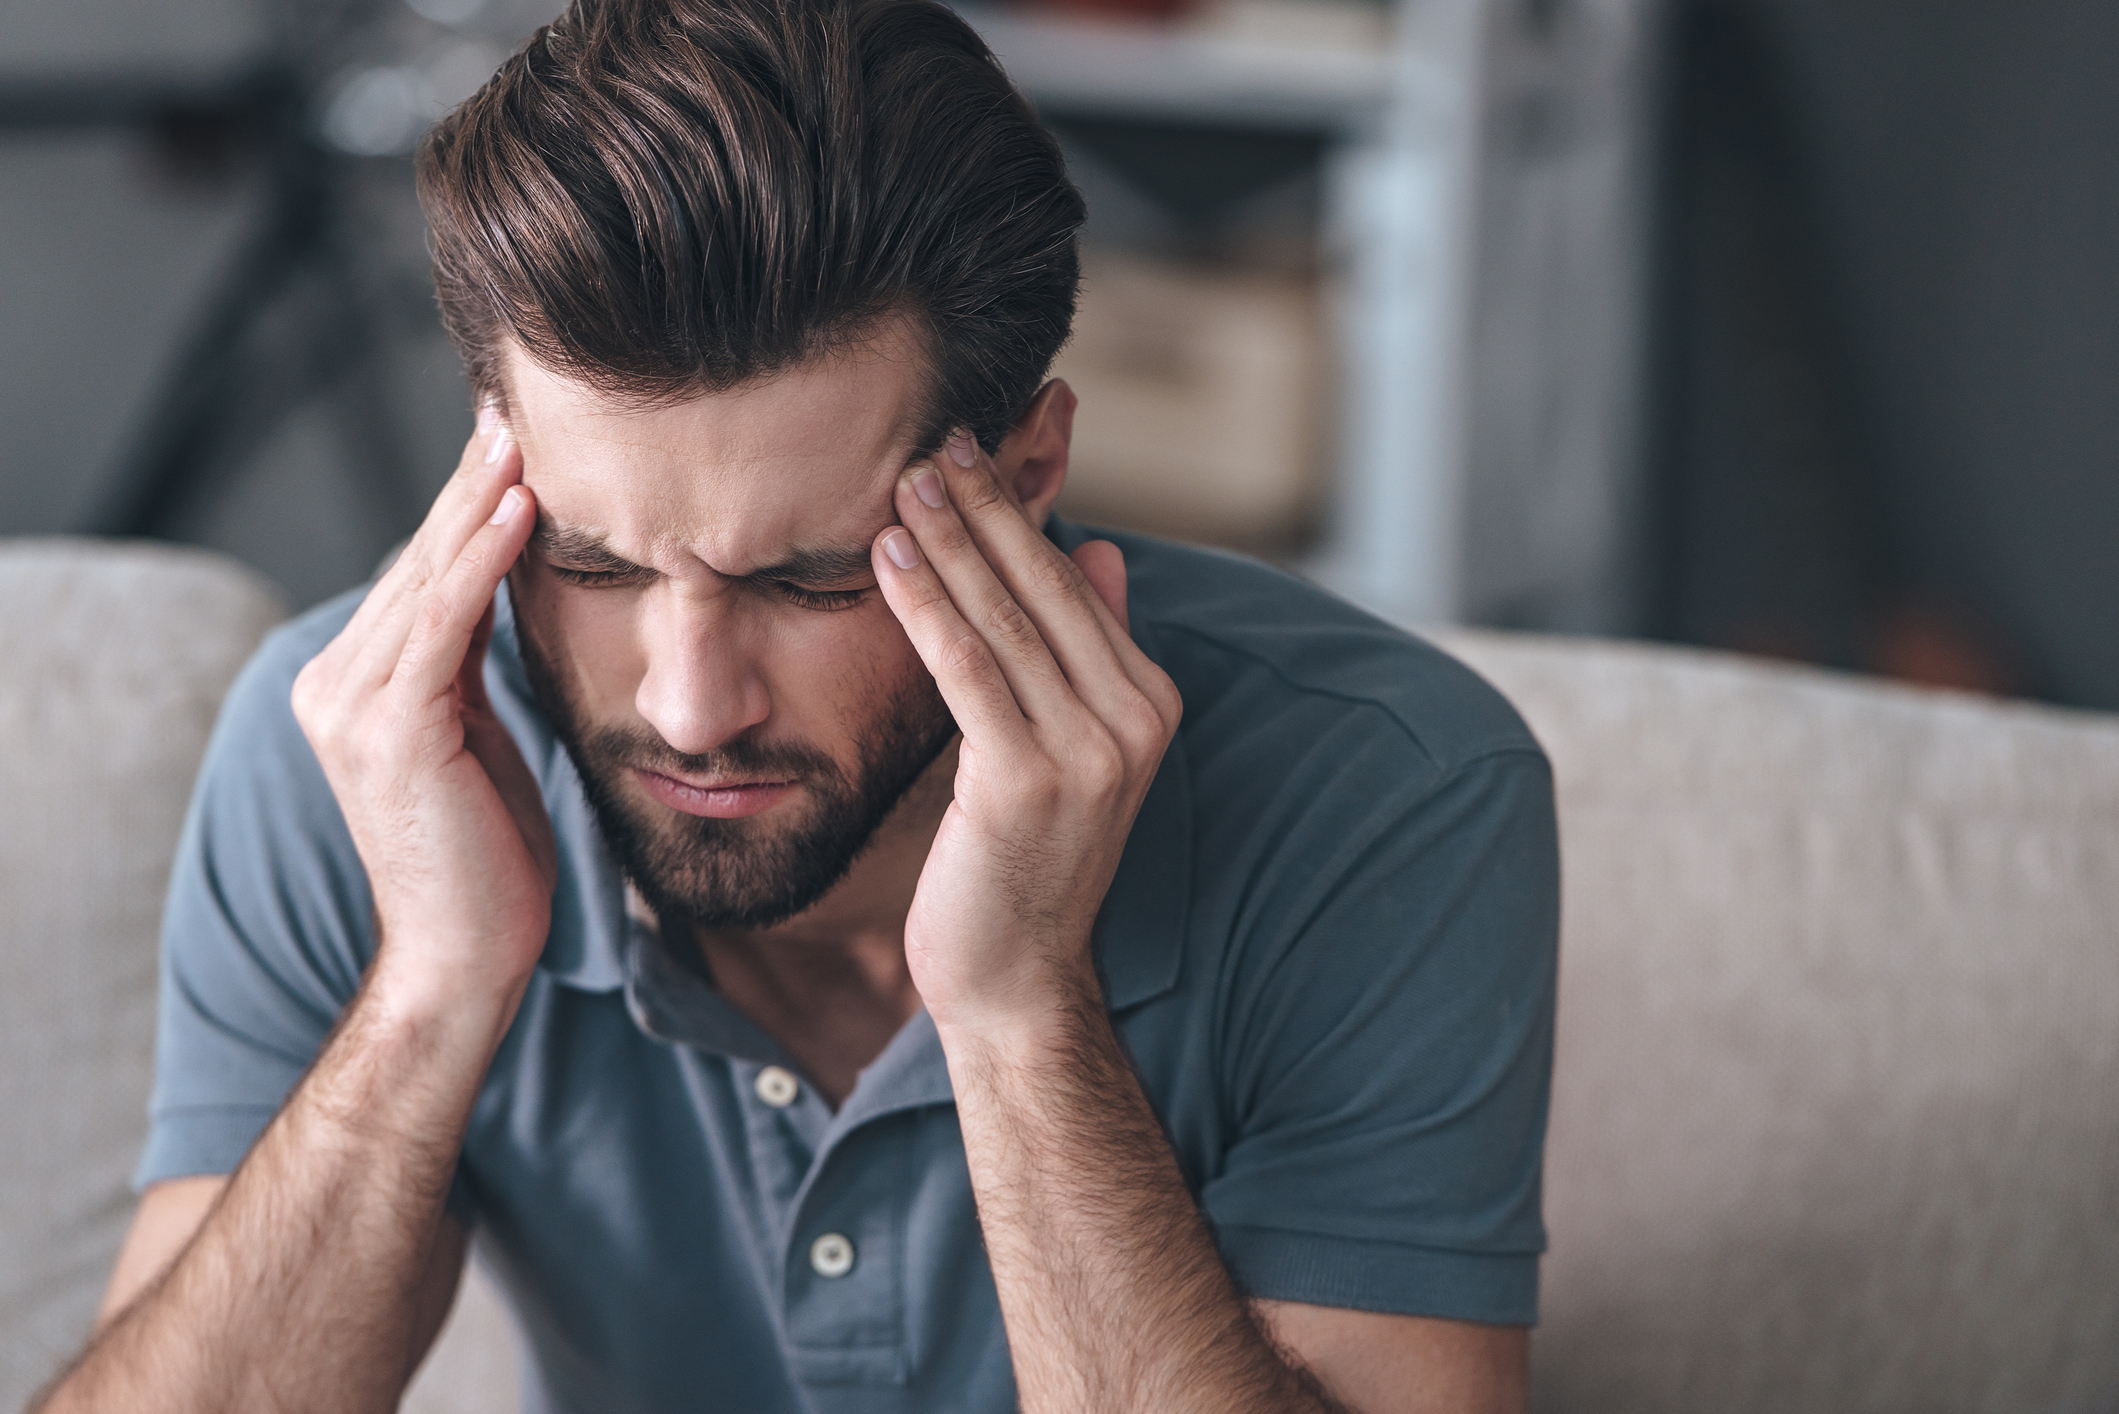 A enxaqueca é conhecida por provocar uma dor de cabeça que dura algumas horas e muitas vezes vem acompanhada de náuseas, sensibilidade à luz, ao som, tontura, fadiga e falta de apetite.